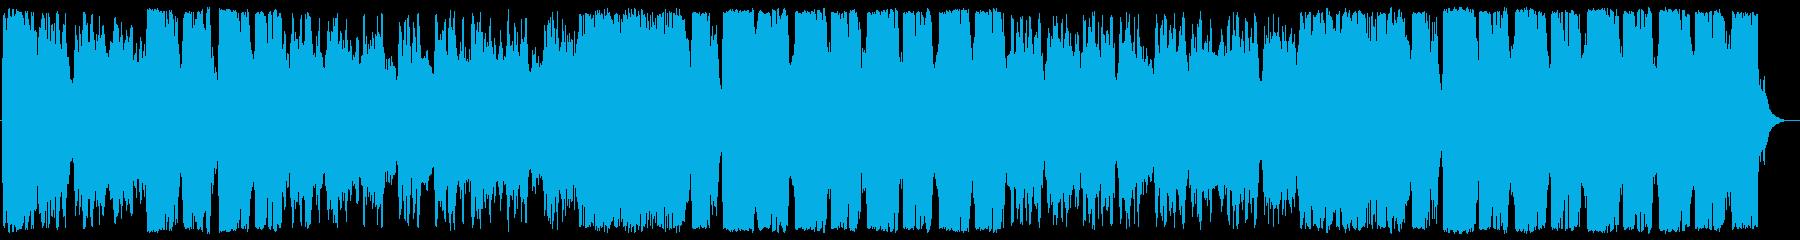 中華風の軽快なBGMの再生済みの波形